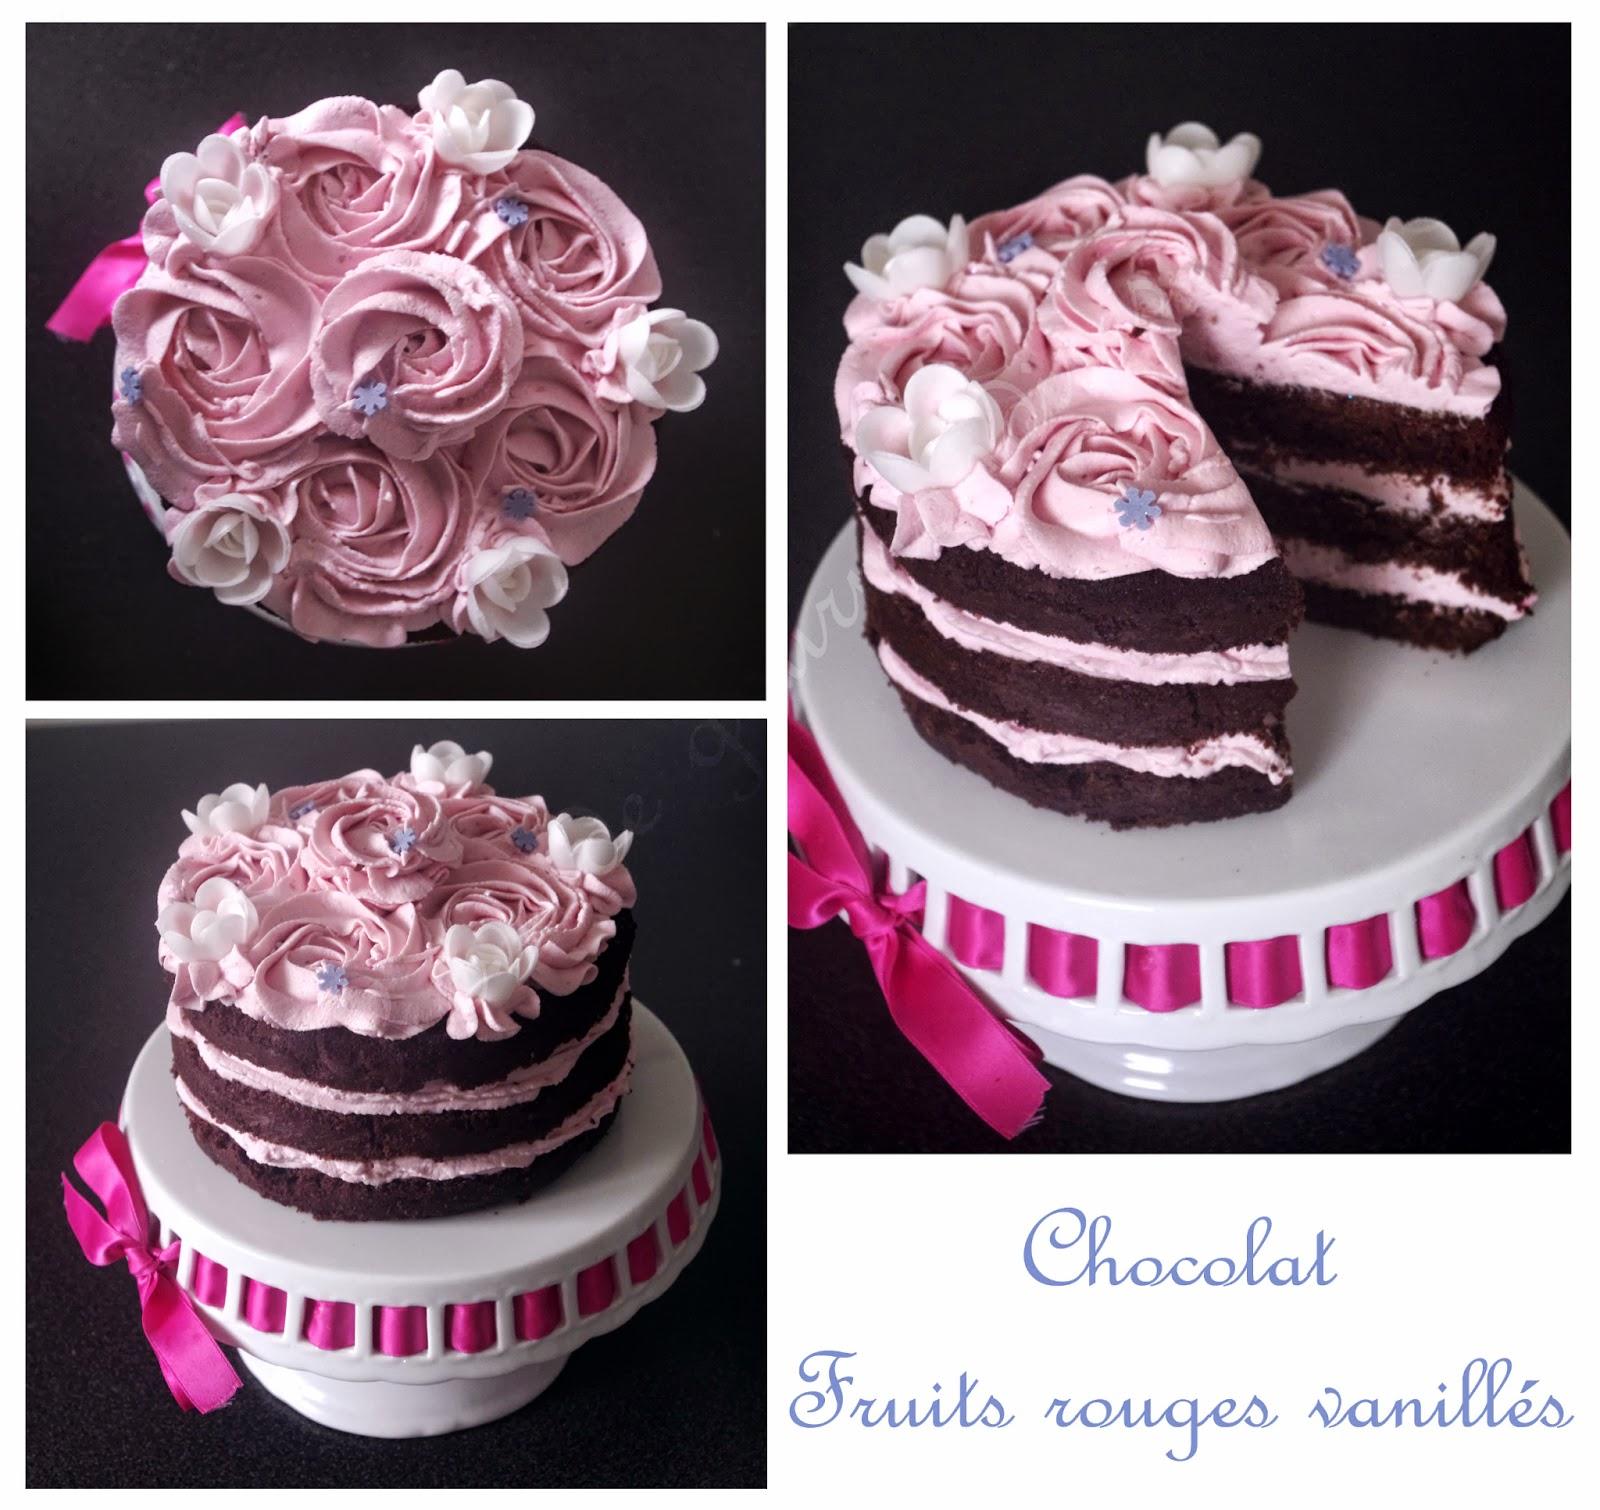 Recette De Ganache Pour Cake Design : Reve de gourmandises 2: juillet 2013